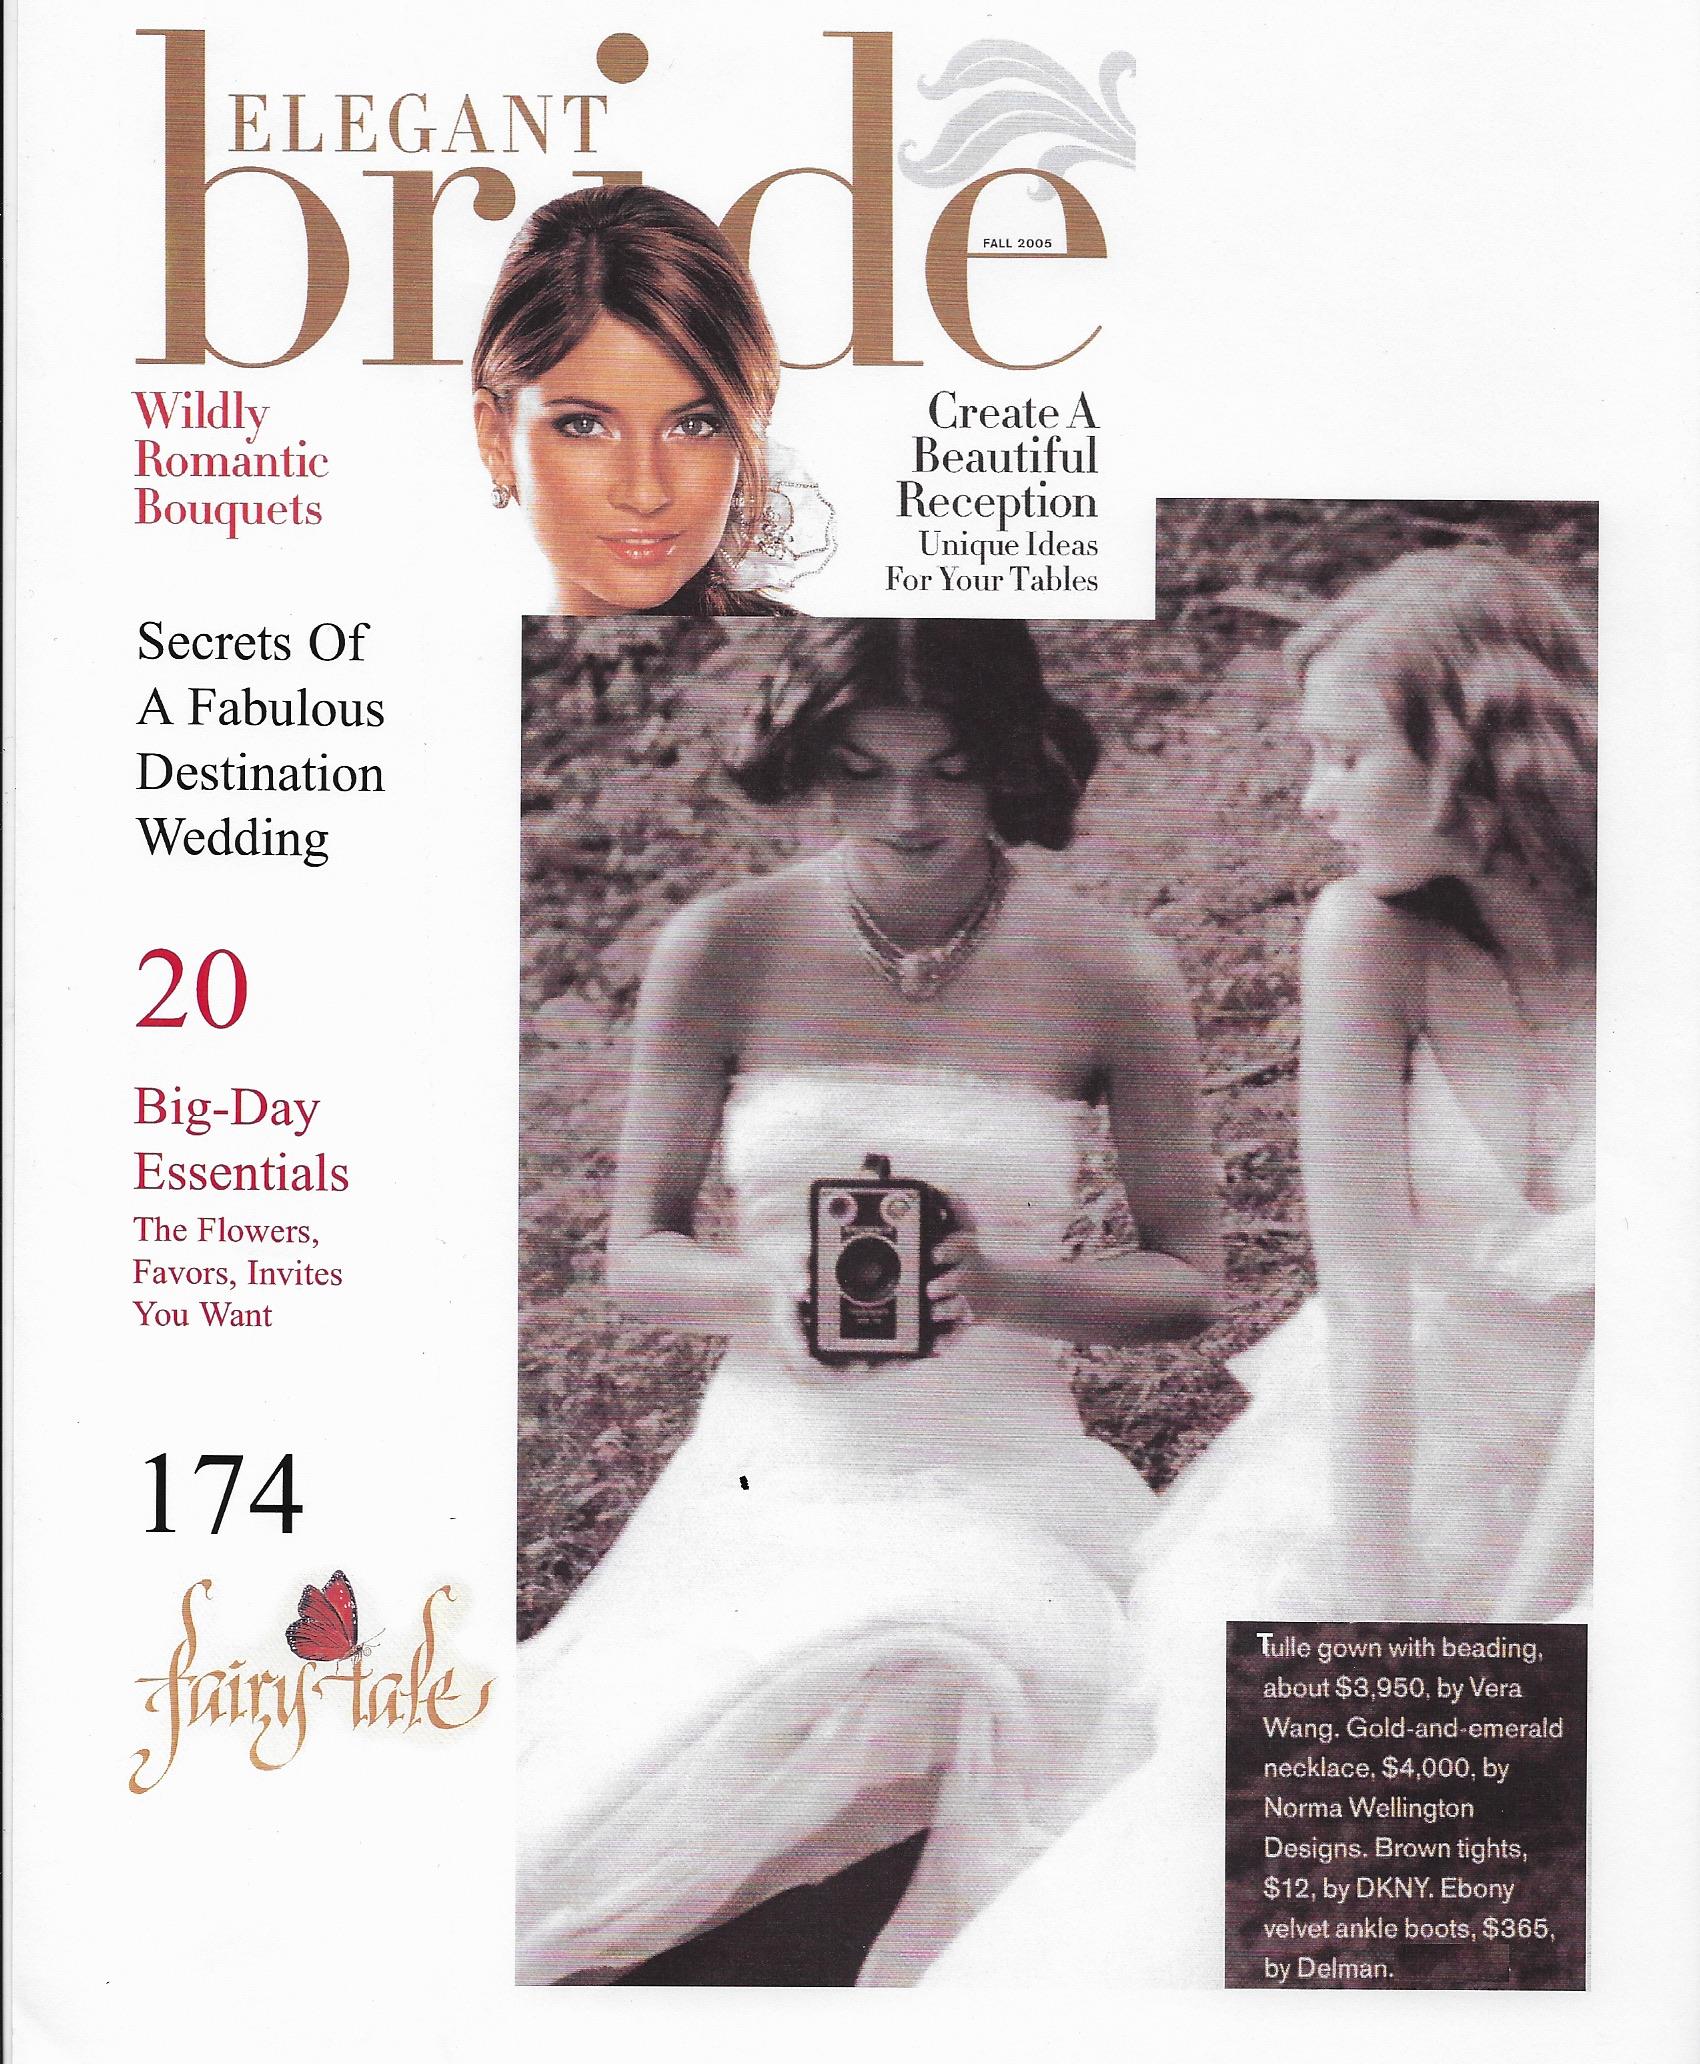 Elegant bride over mag.jpg